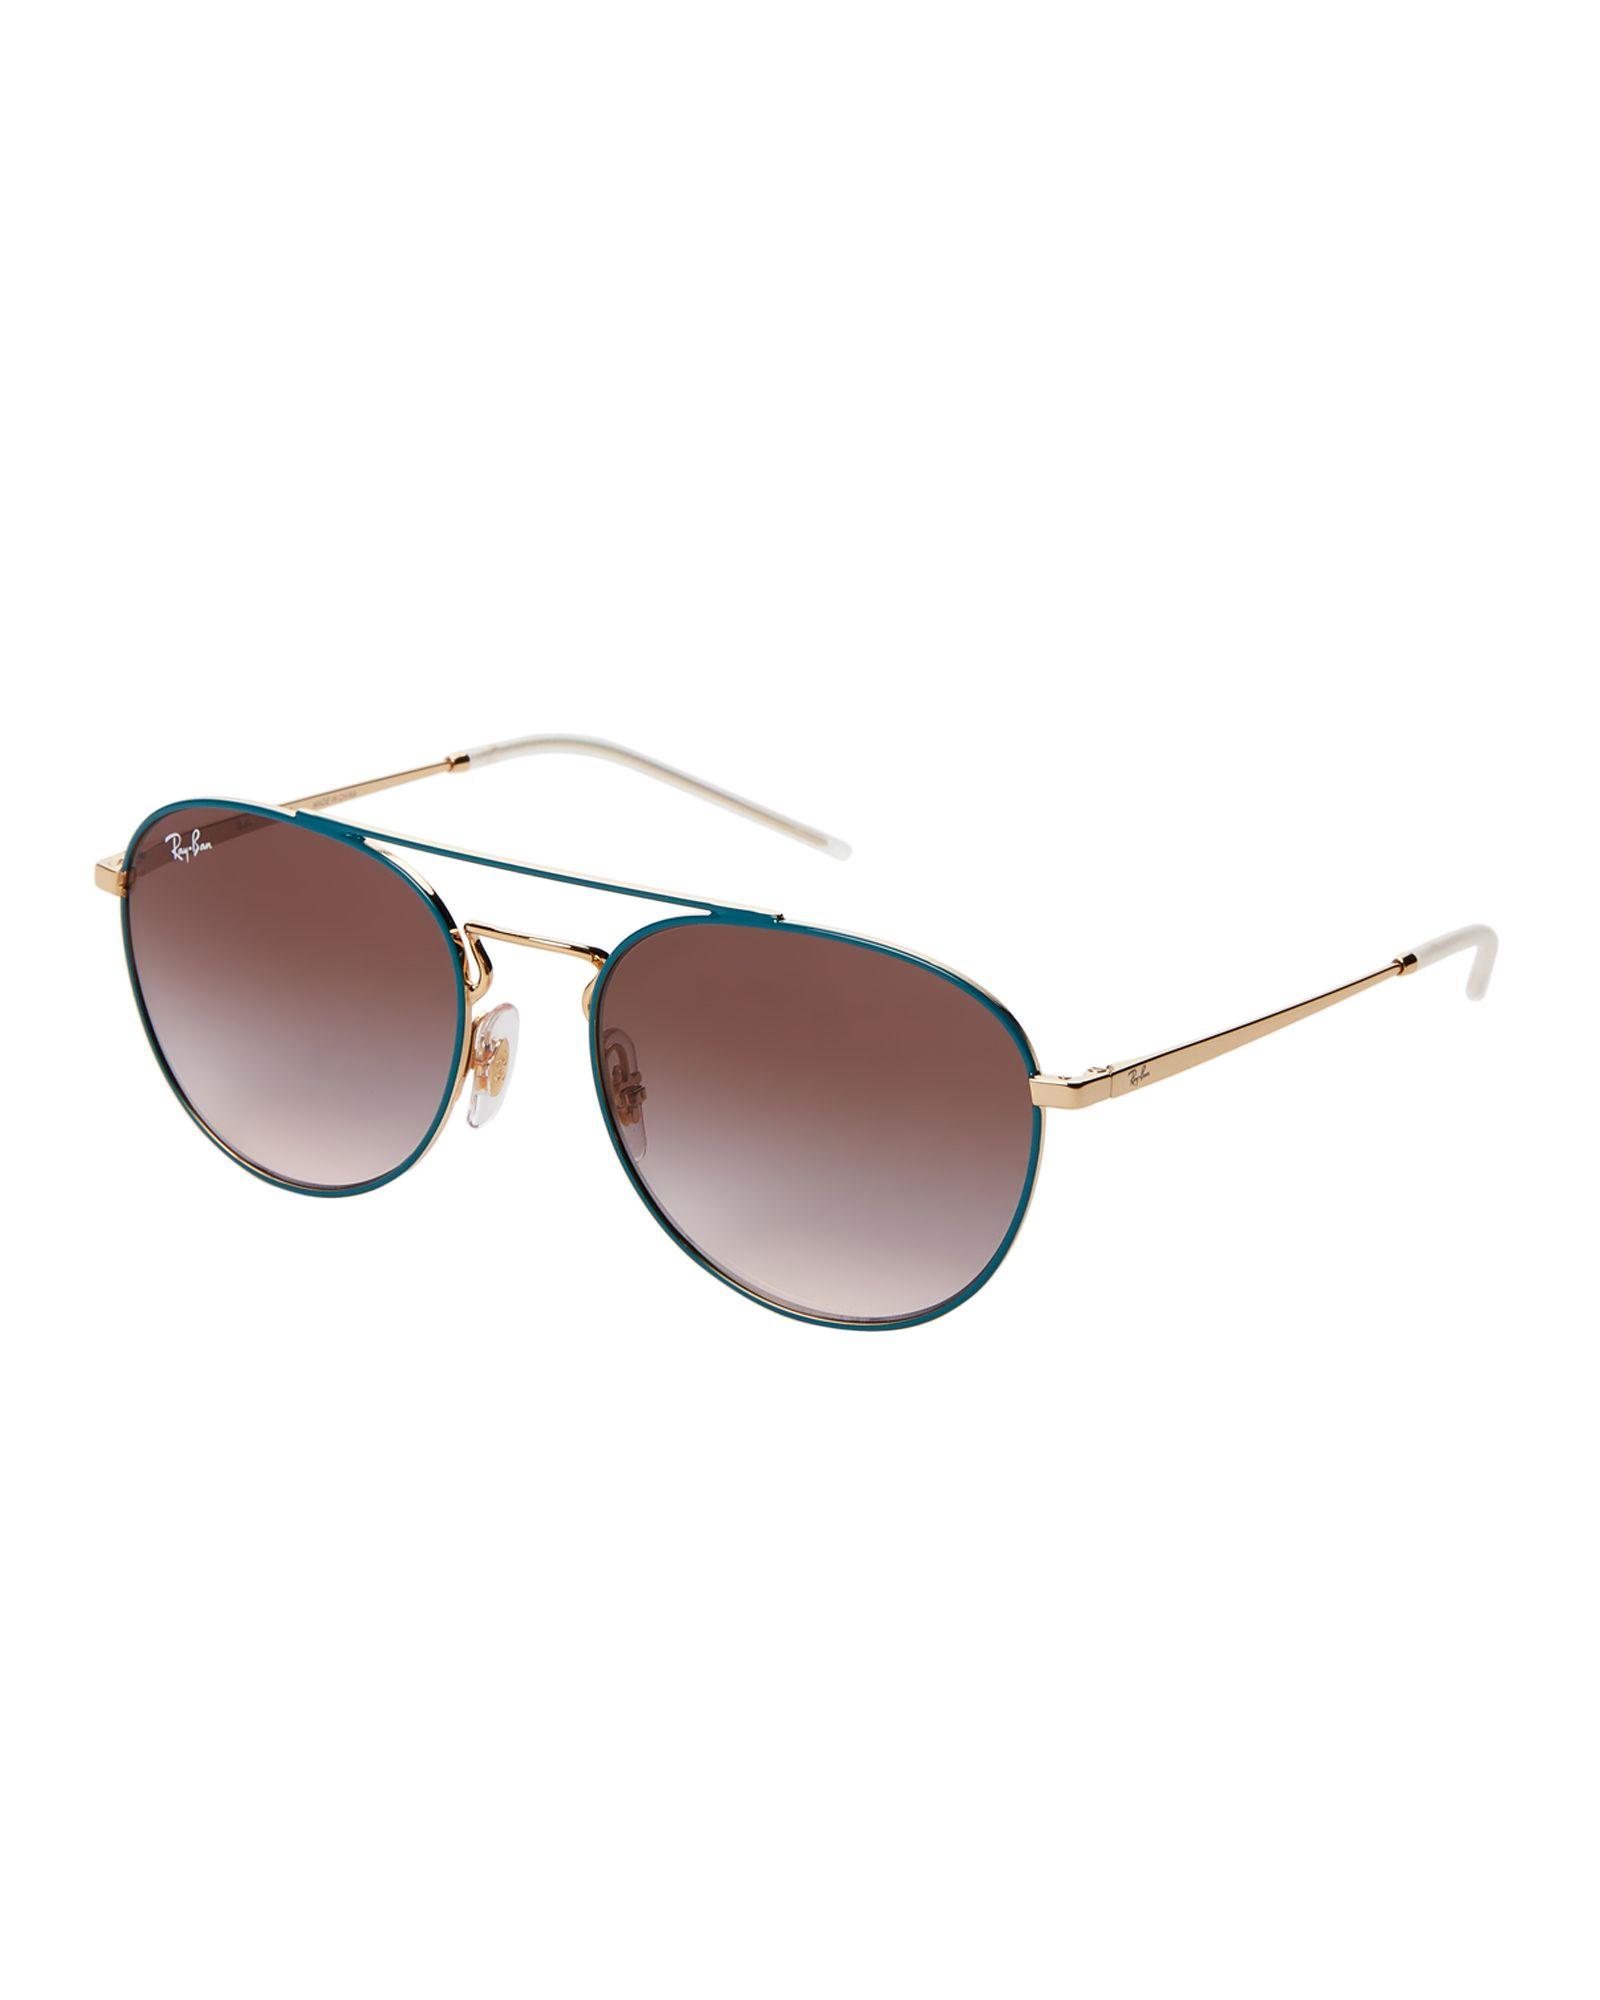 813dad6ca5 RB 3589 Blue   Gold-Tone Aviator Sunglasses in 2019